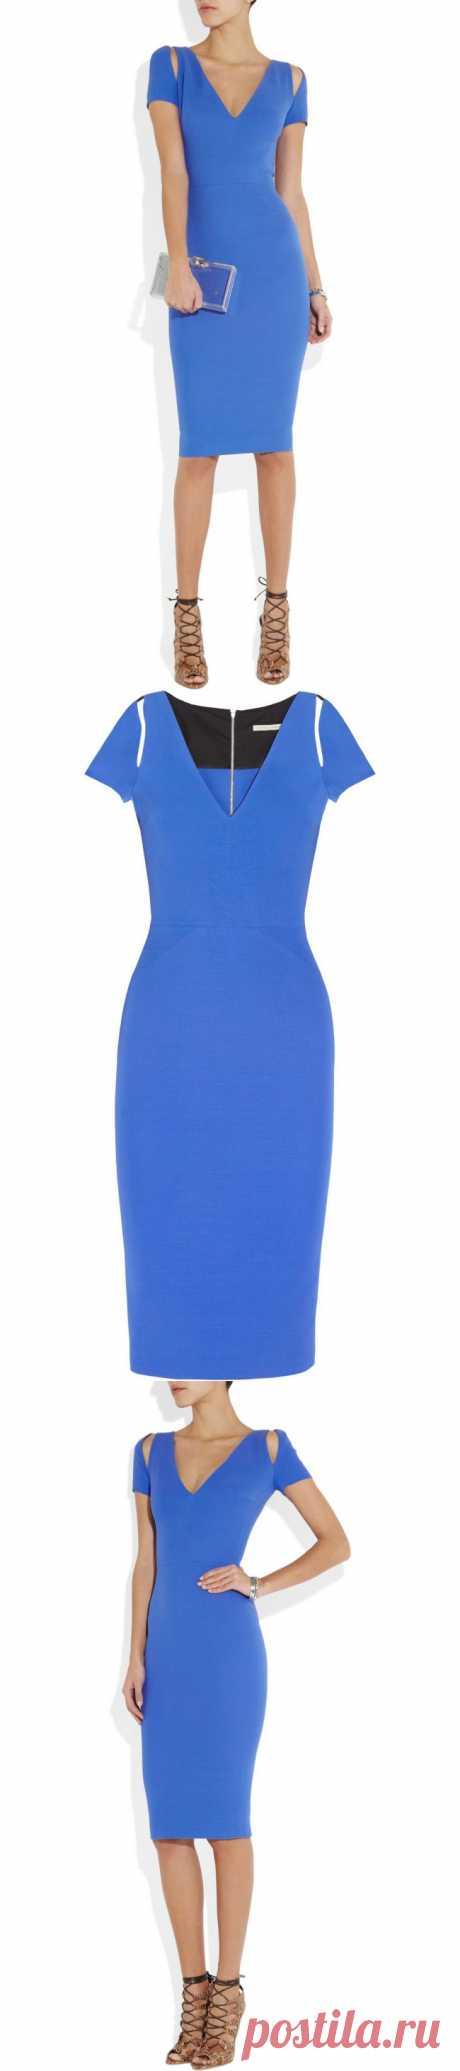 Платье Victoria Beckham / Вещь / Модный сайт о стильной переделке одежды и интерьера